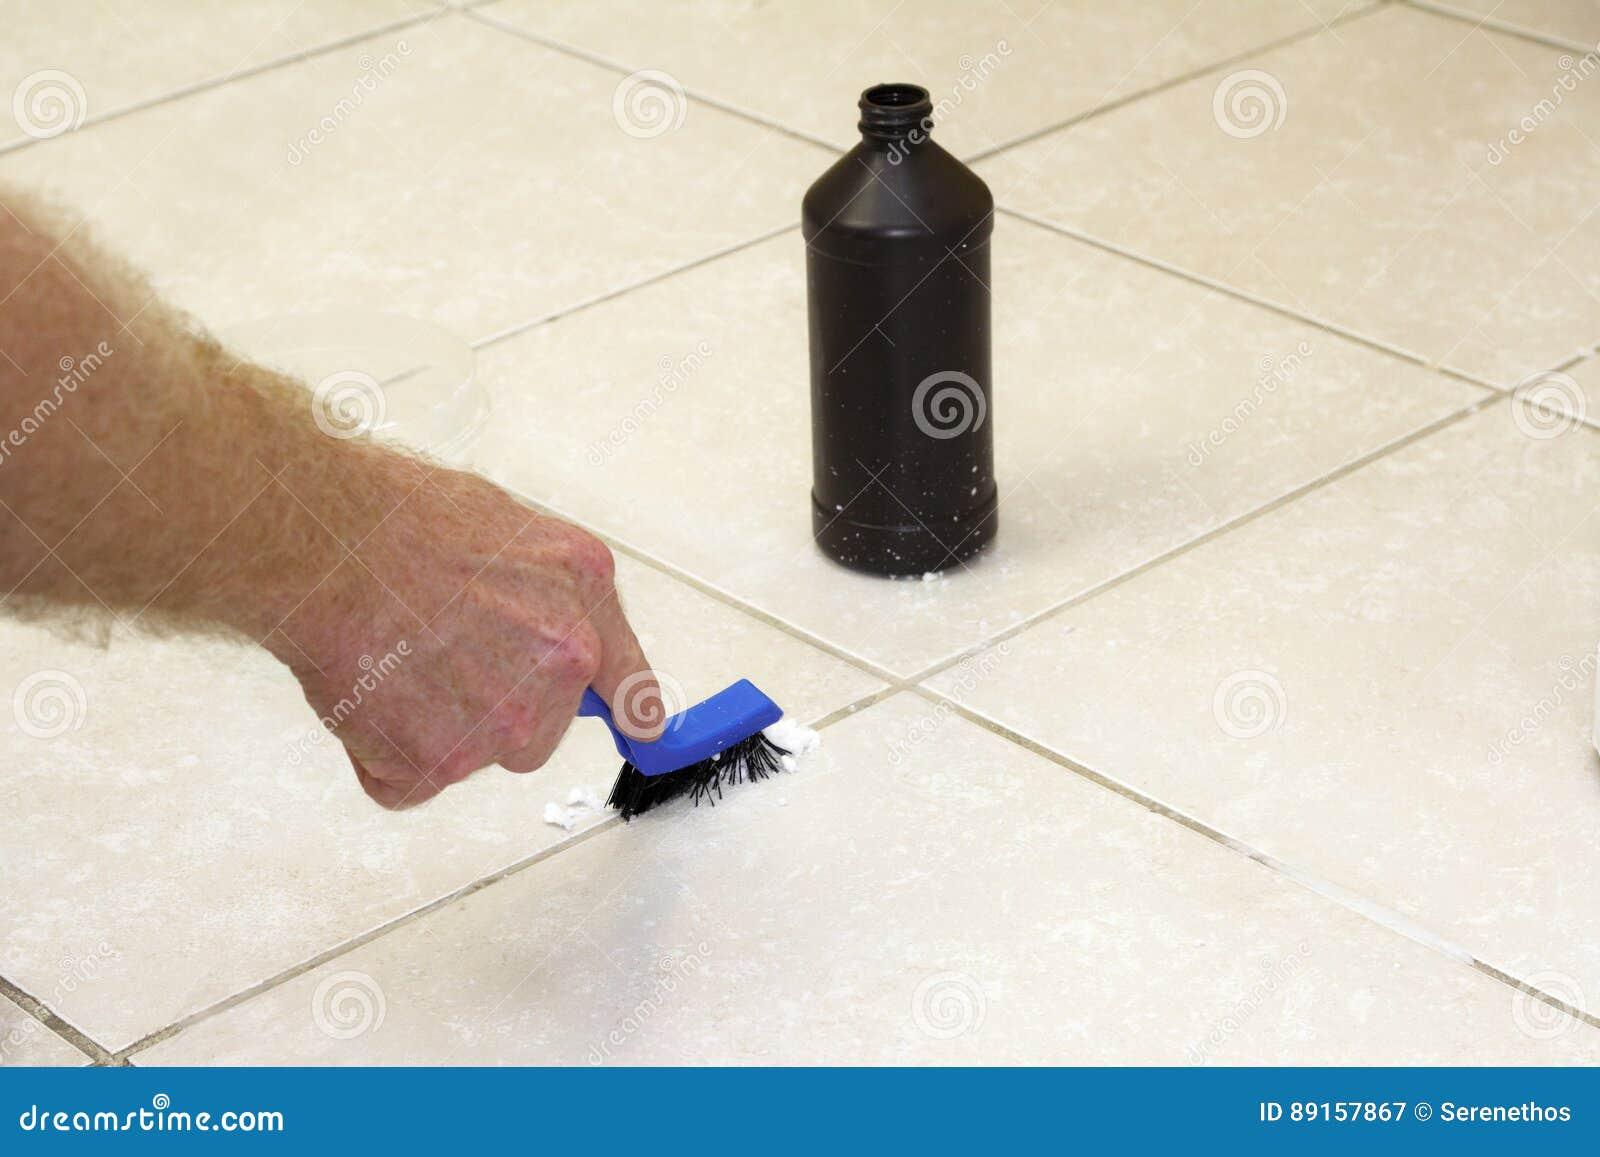 Cleaning Podłogowy Grout z Wypiekową sodą